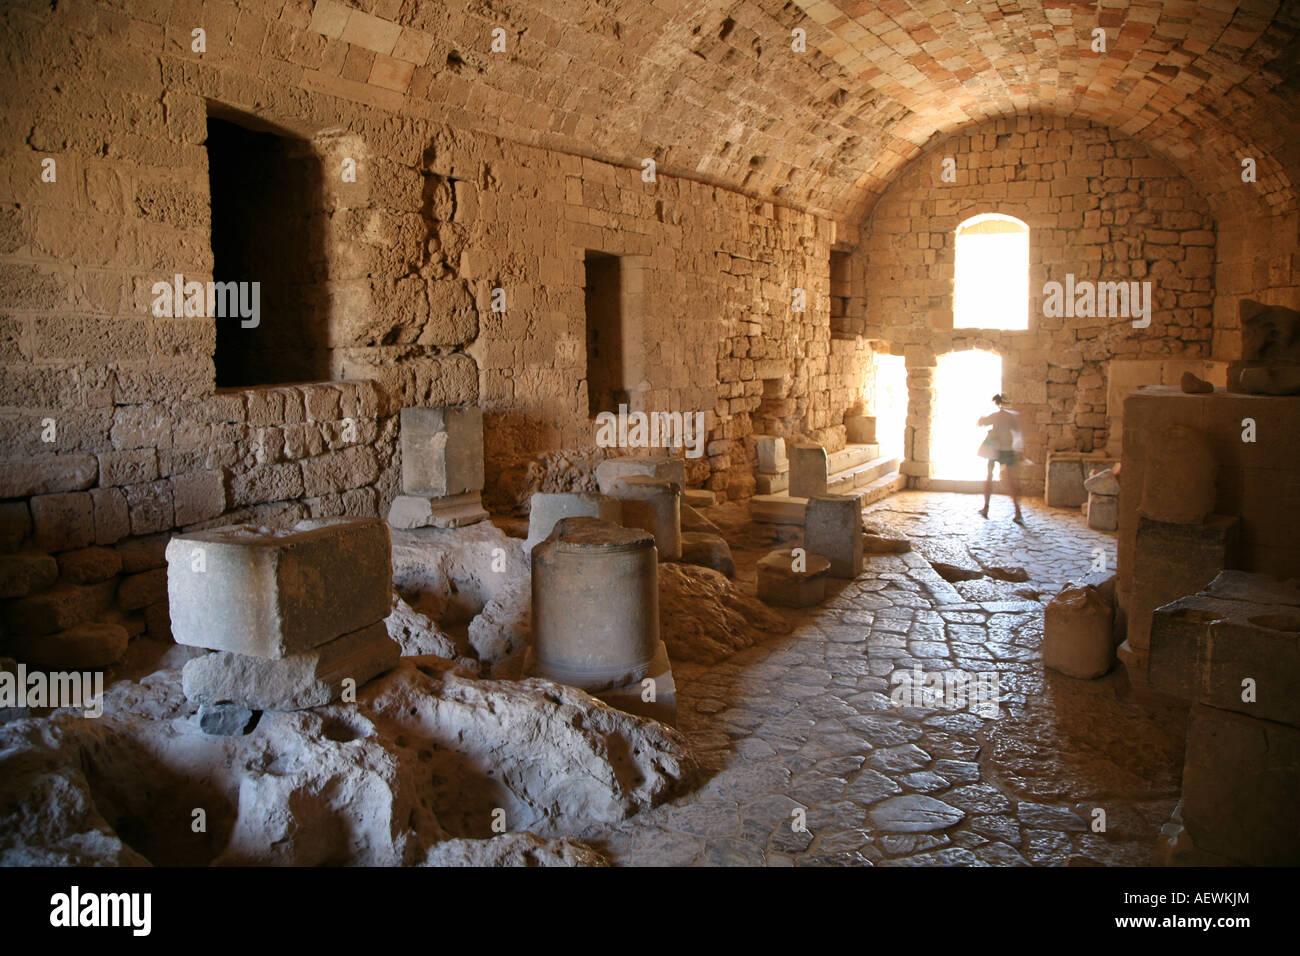 Storage Rooms  The Acropolis Lindos Rhodes Greek Islands Greece Hellas - Stock Image